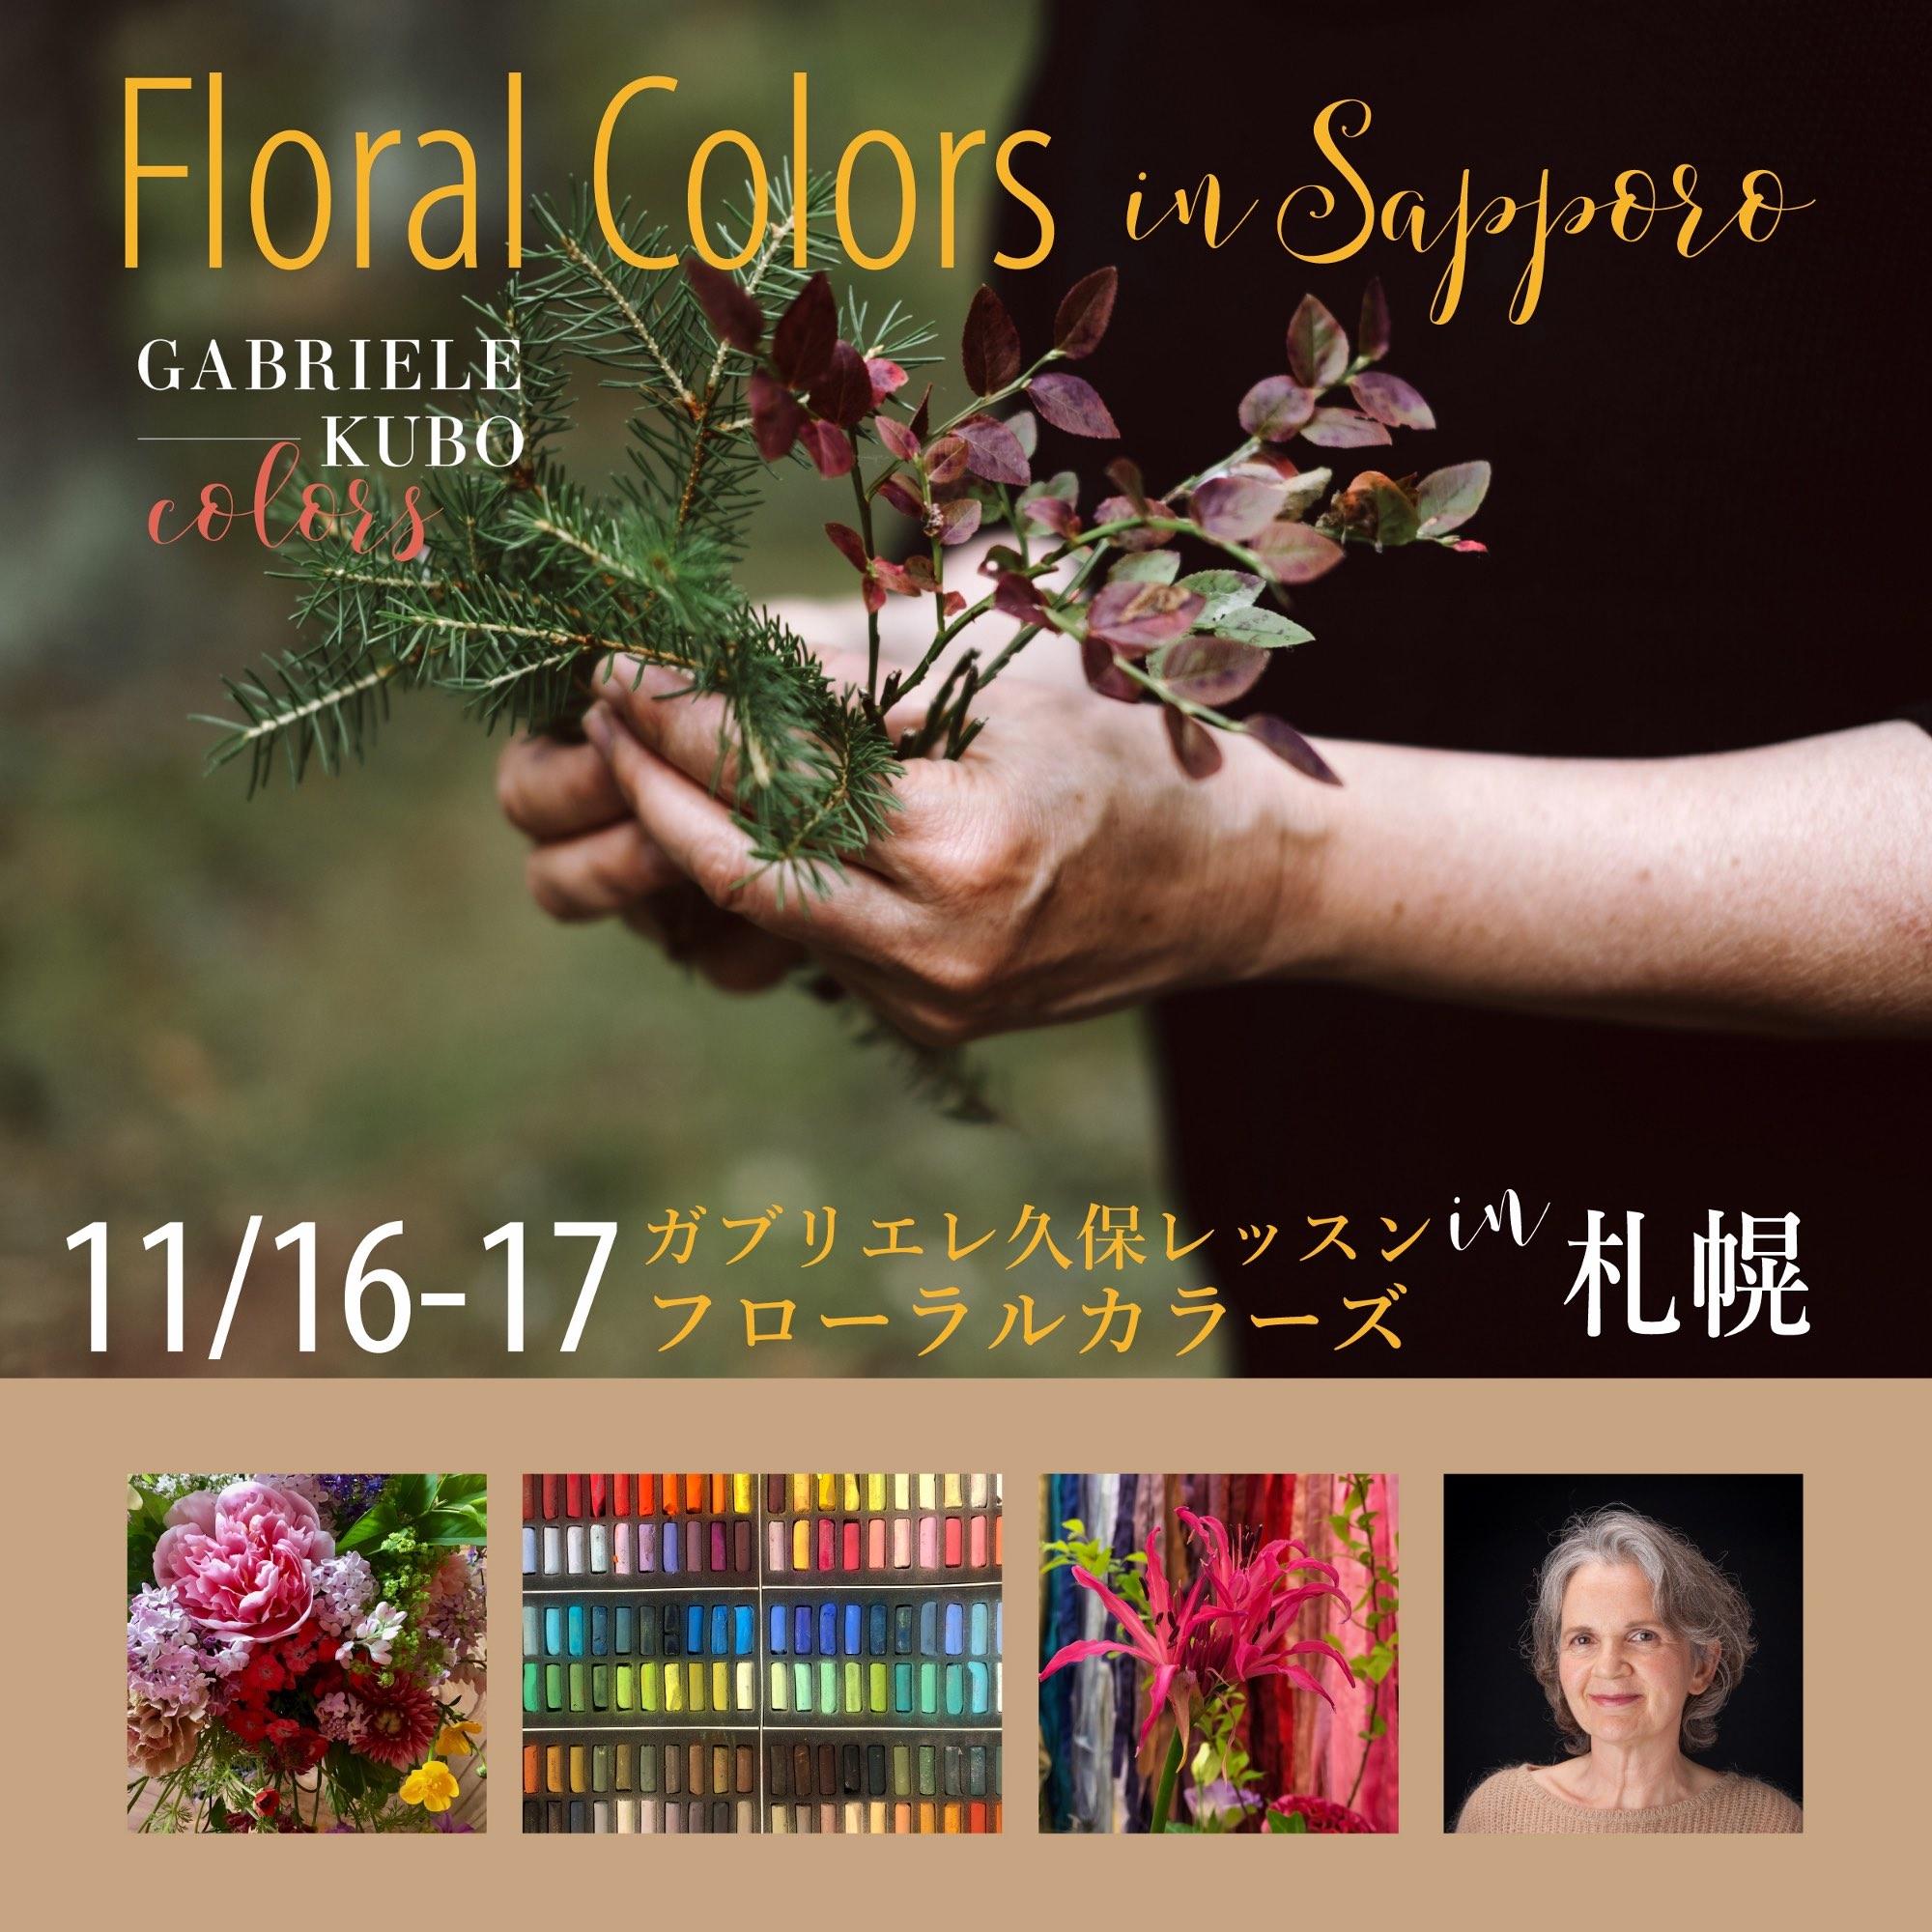 17th of November in Sapporo